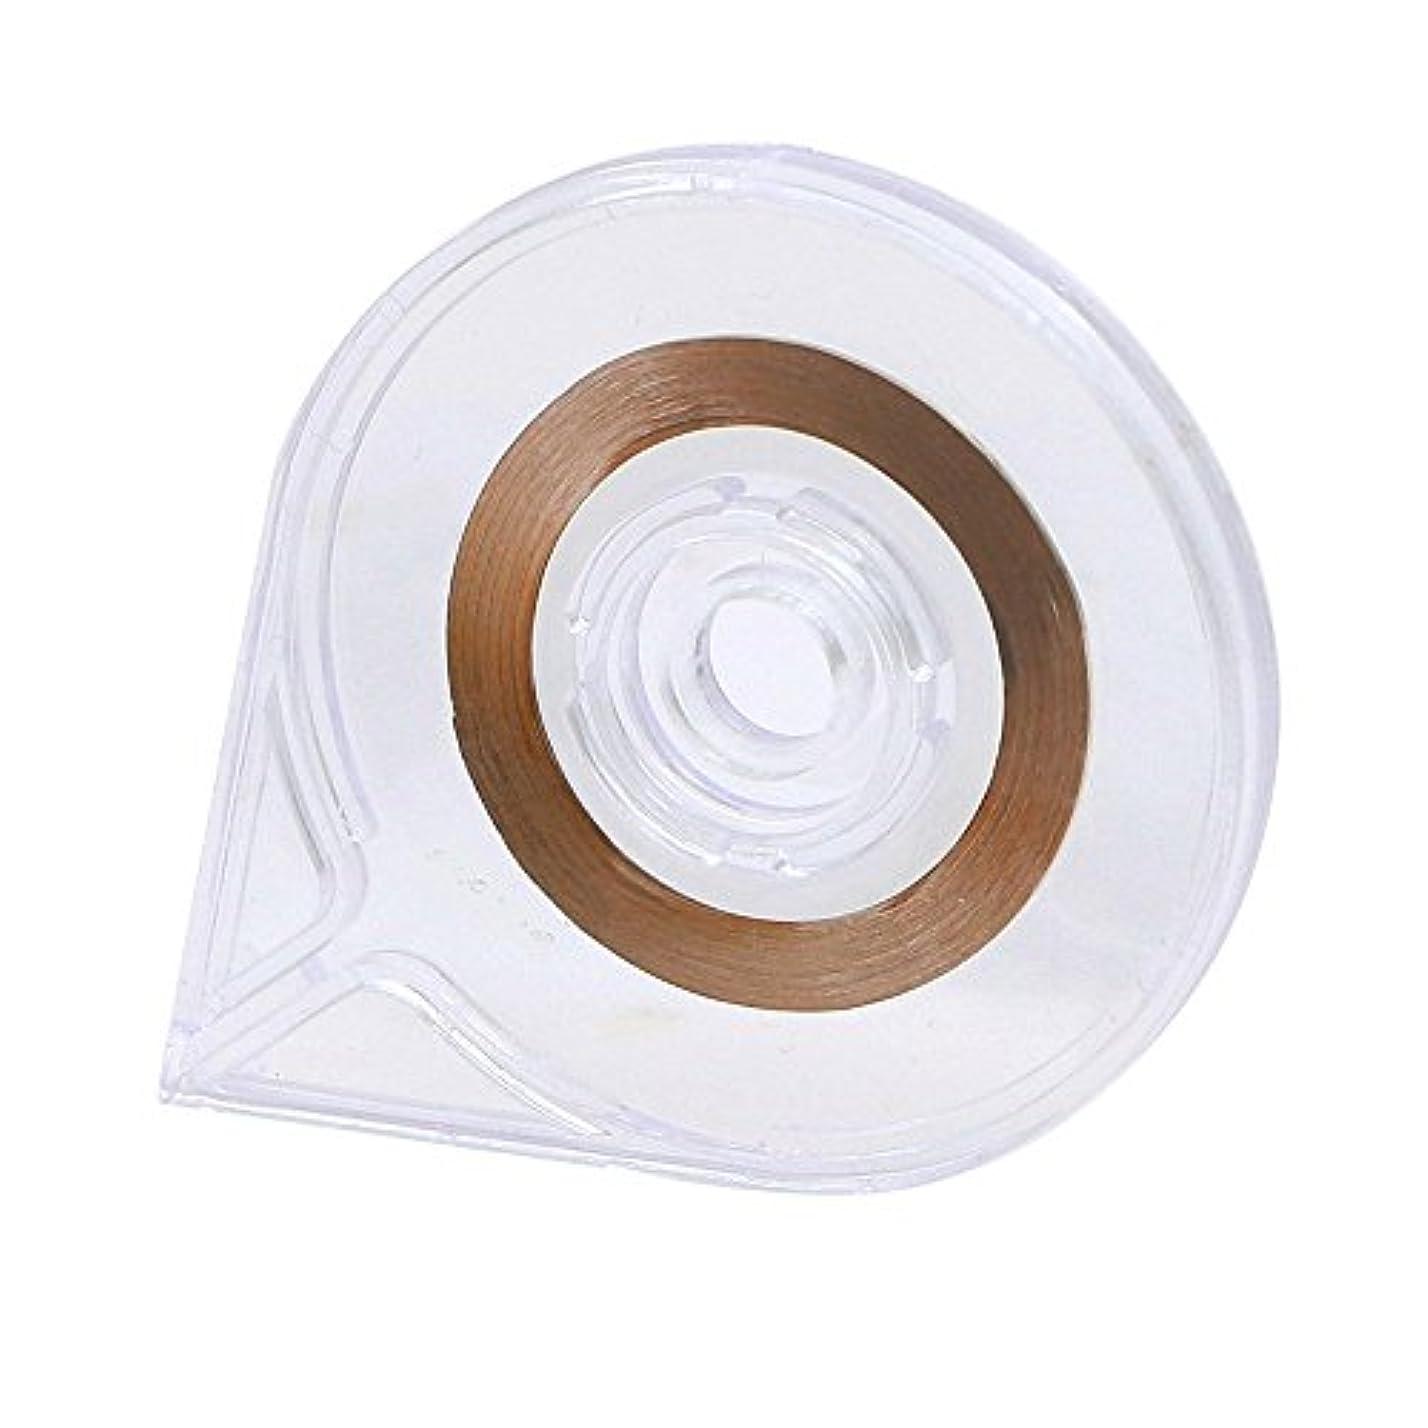 彼のベッドを作る急降下SODIAL(R) ネイルアート ストライピングテープラインケースツールステッカーボックスホルダー 使いやすいデザイン